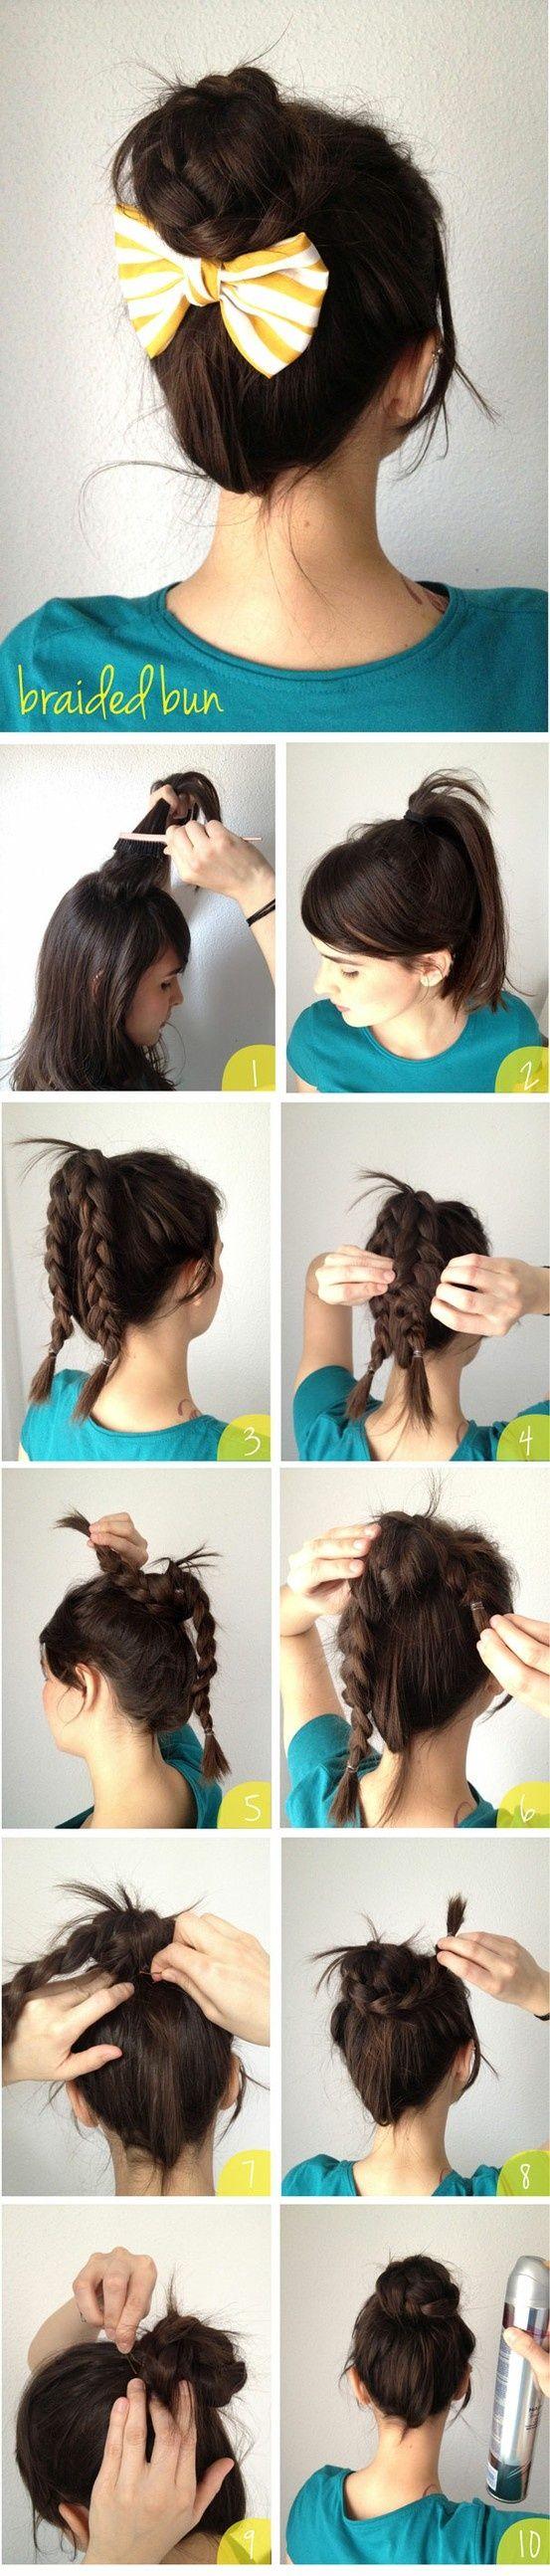 Braided bun so cute hair an beauty pinterest braided bun